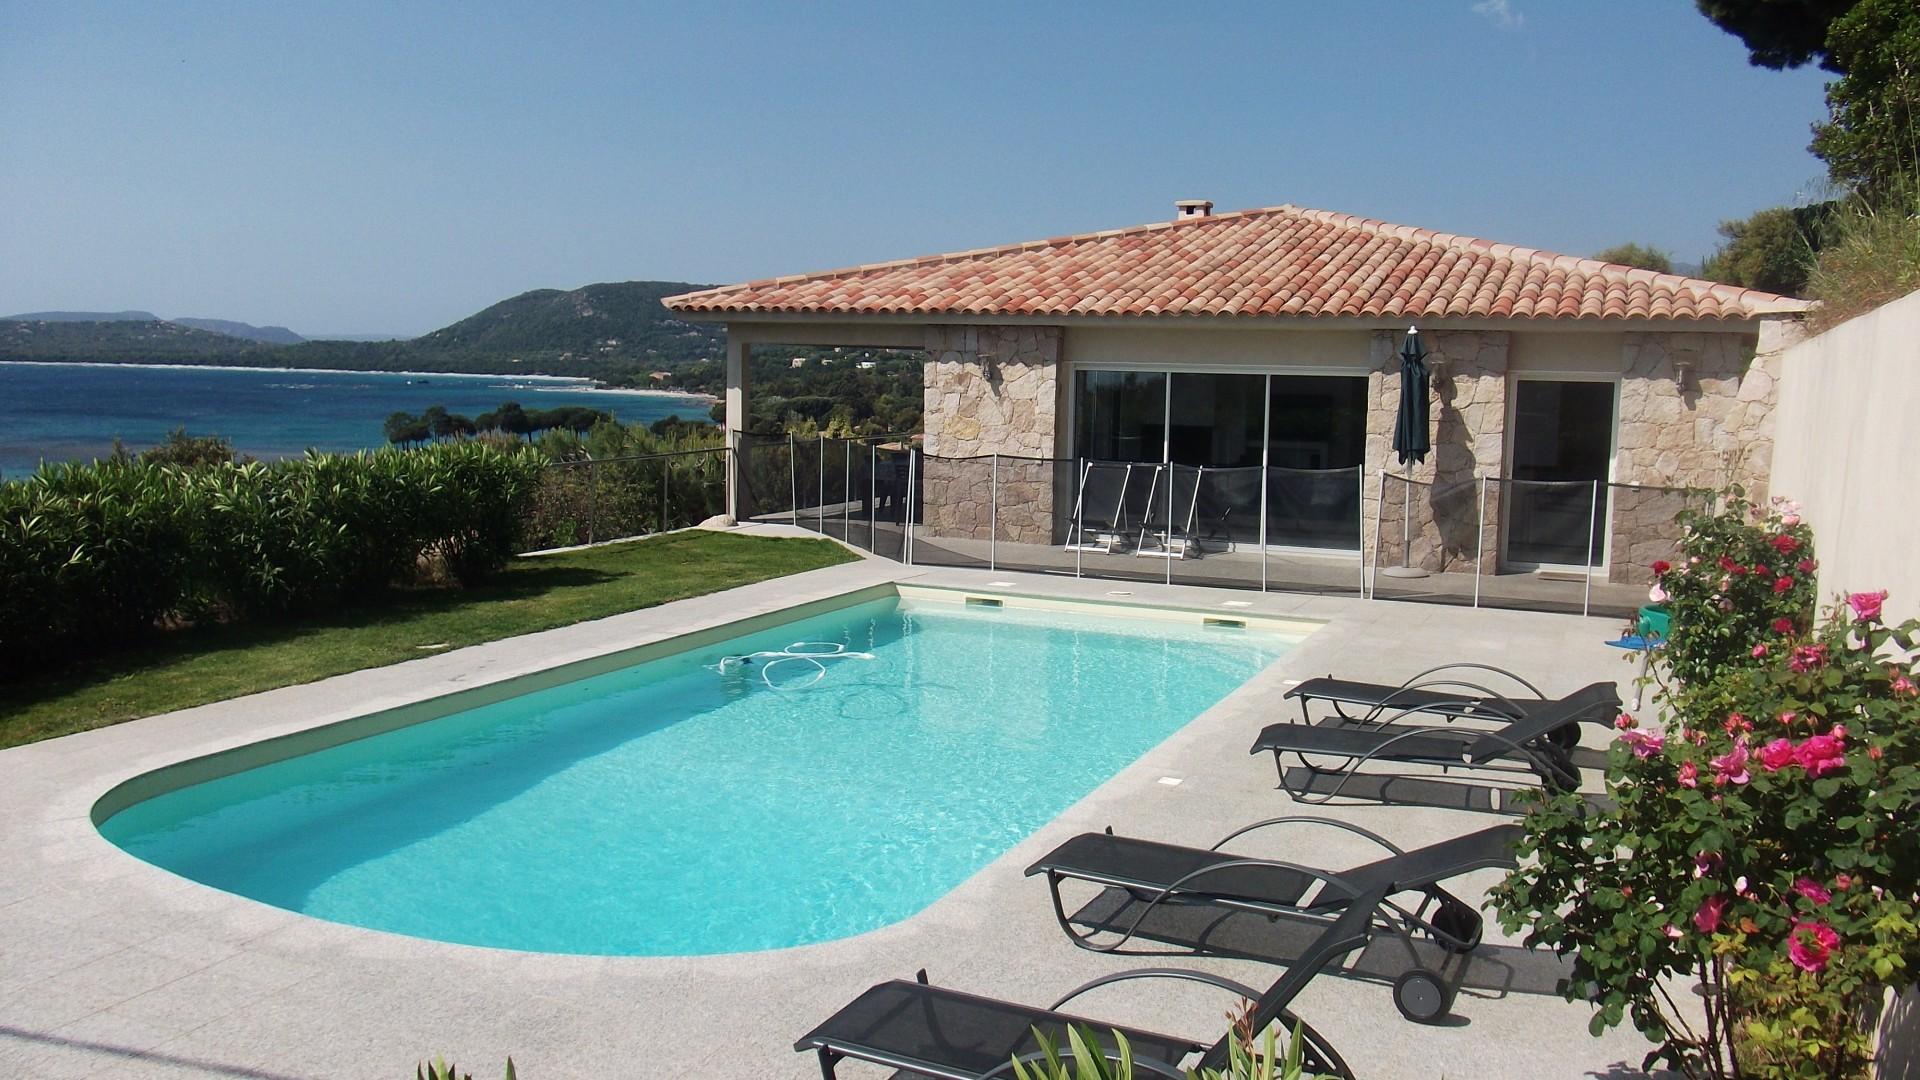 Location Corse villas avec piscine